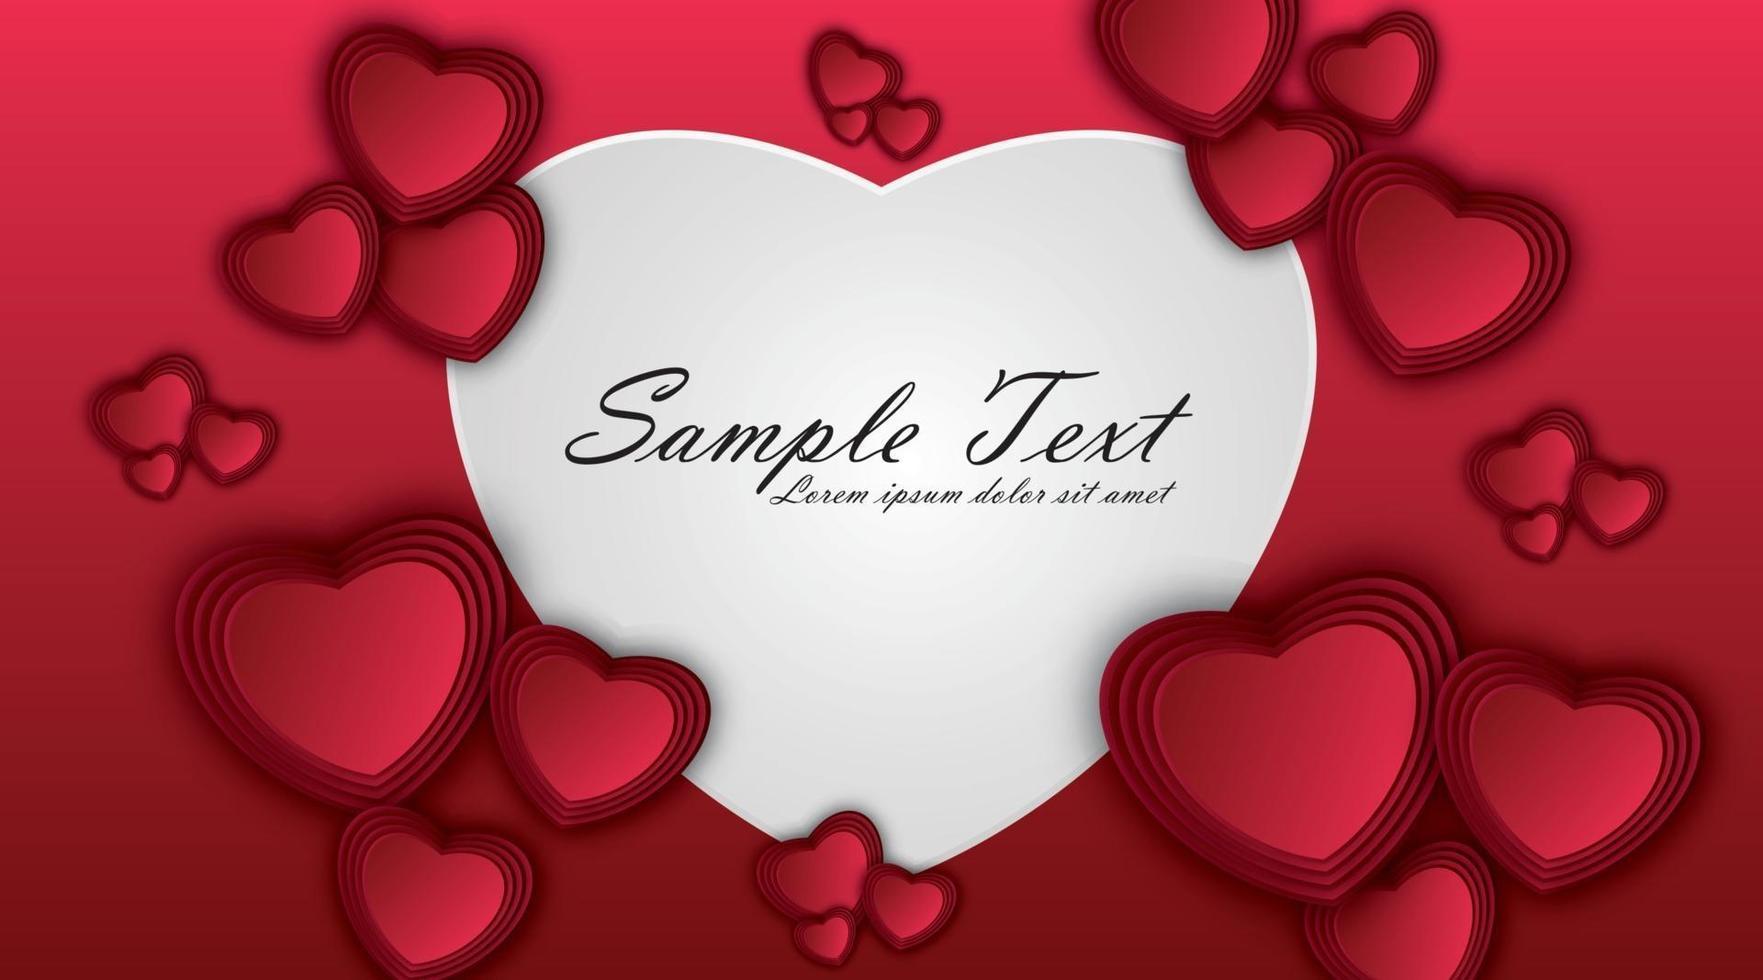 corações de papel sobre fundo vermelho. símbolos de amor para design de cartão de feliz dia dos namorados. ilustração vetorial. vetor